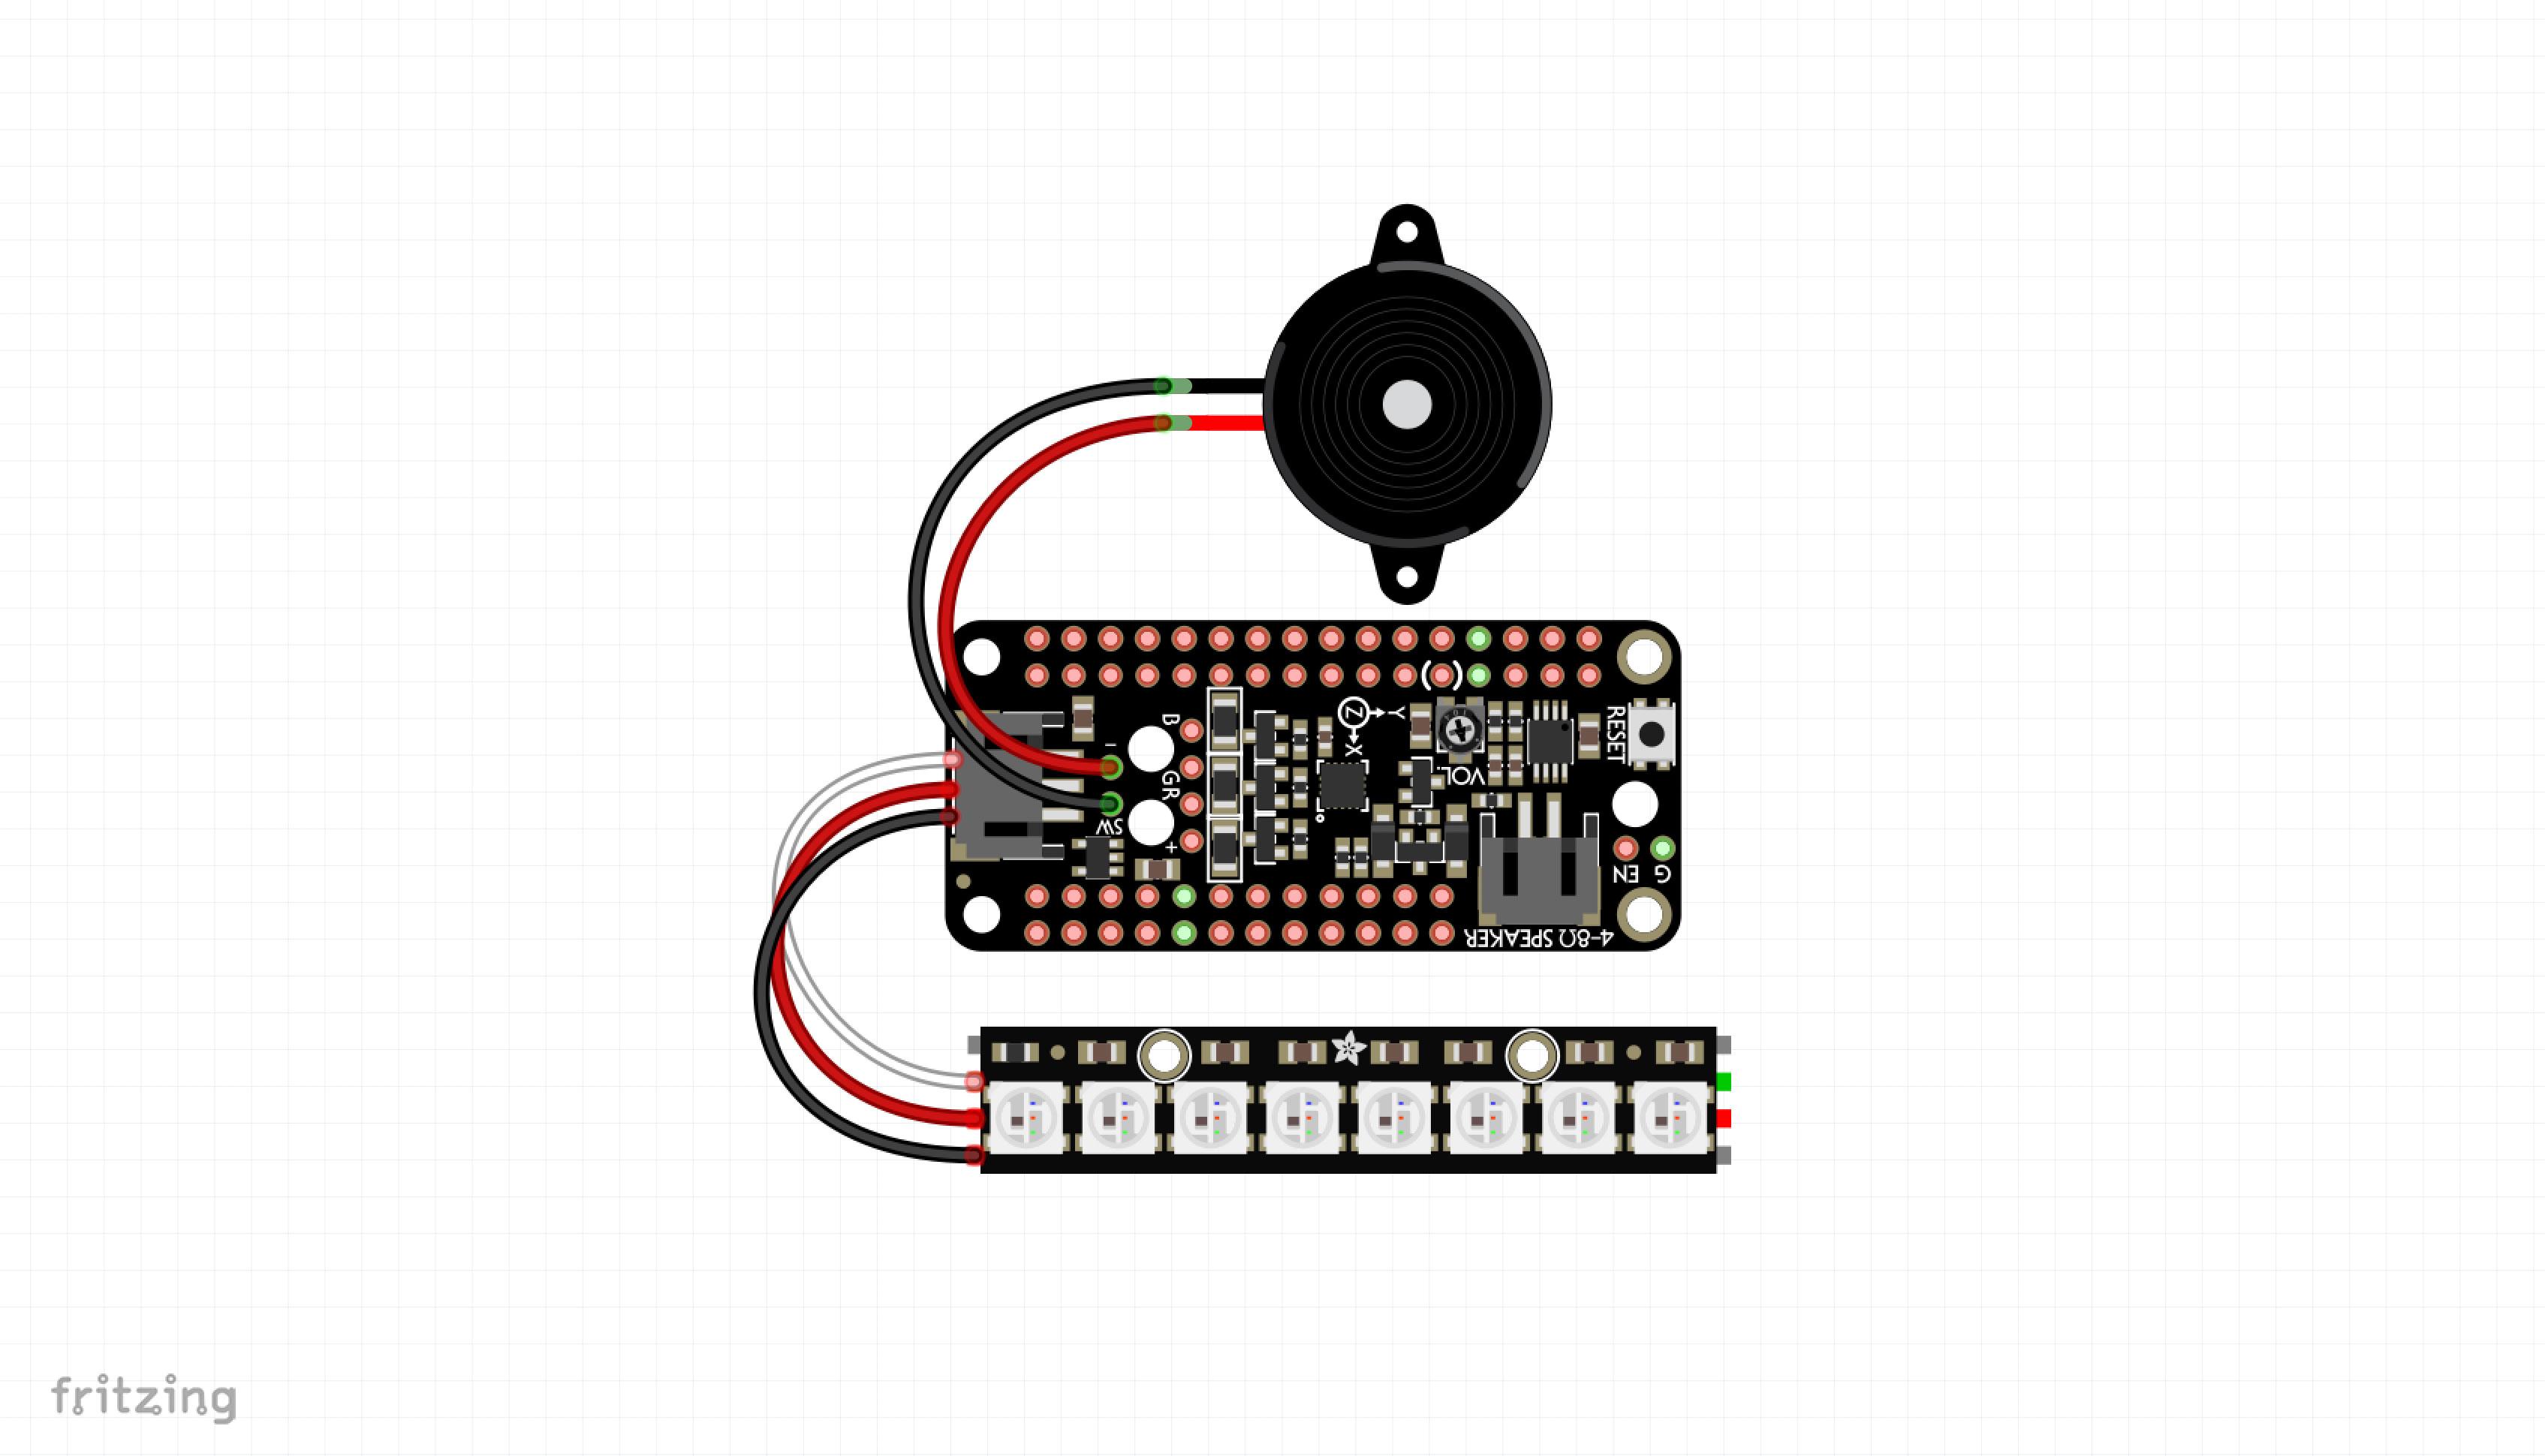 adafruit_io_circuit-diagram.jpg